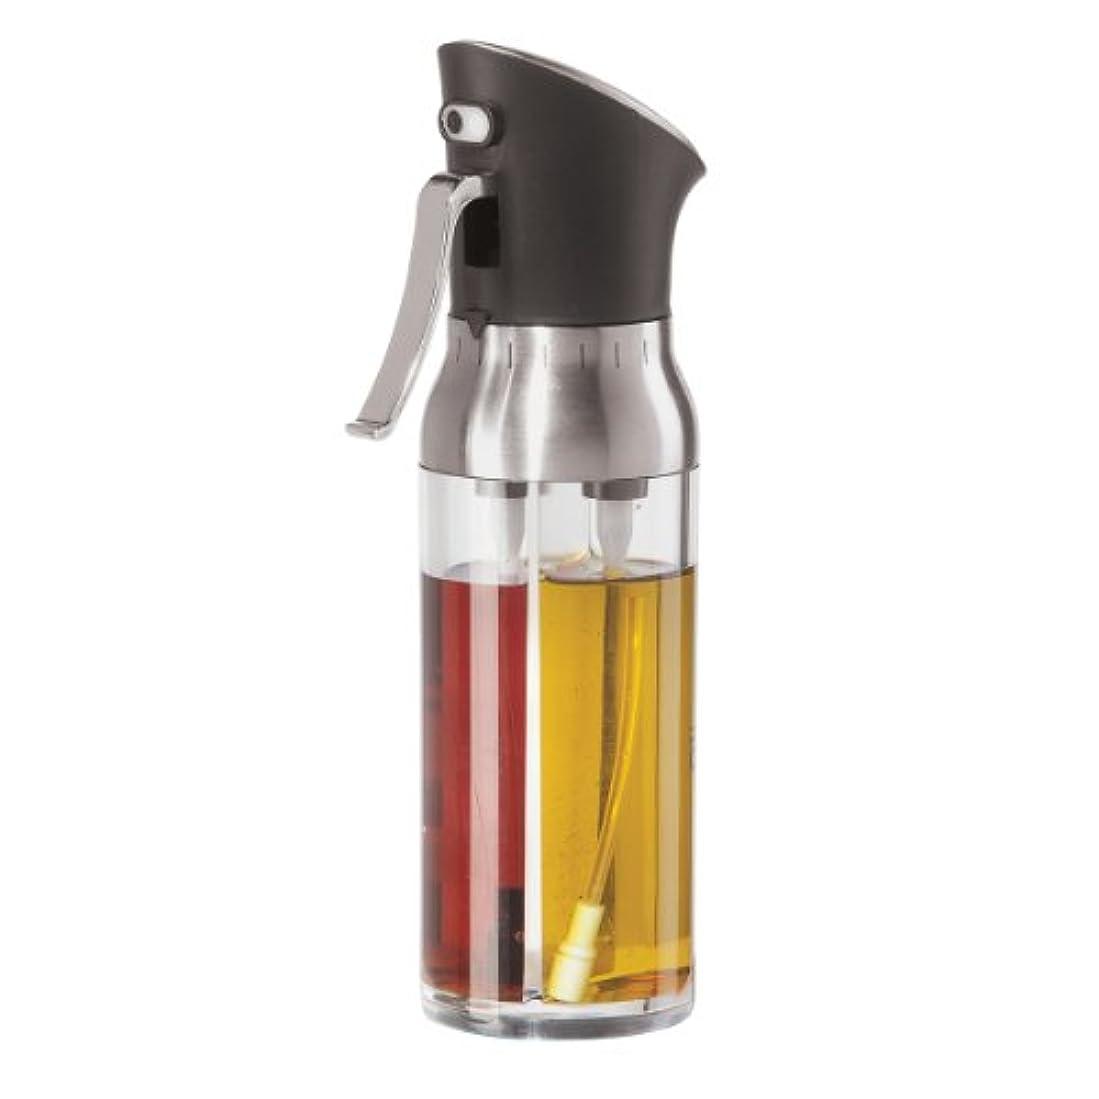 眠りパキスタン感謝祭Oggi 6004 Mix and Mist Combination Oil and Vinegar Spray Bottle